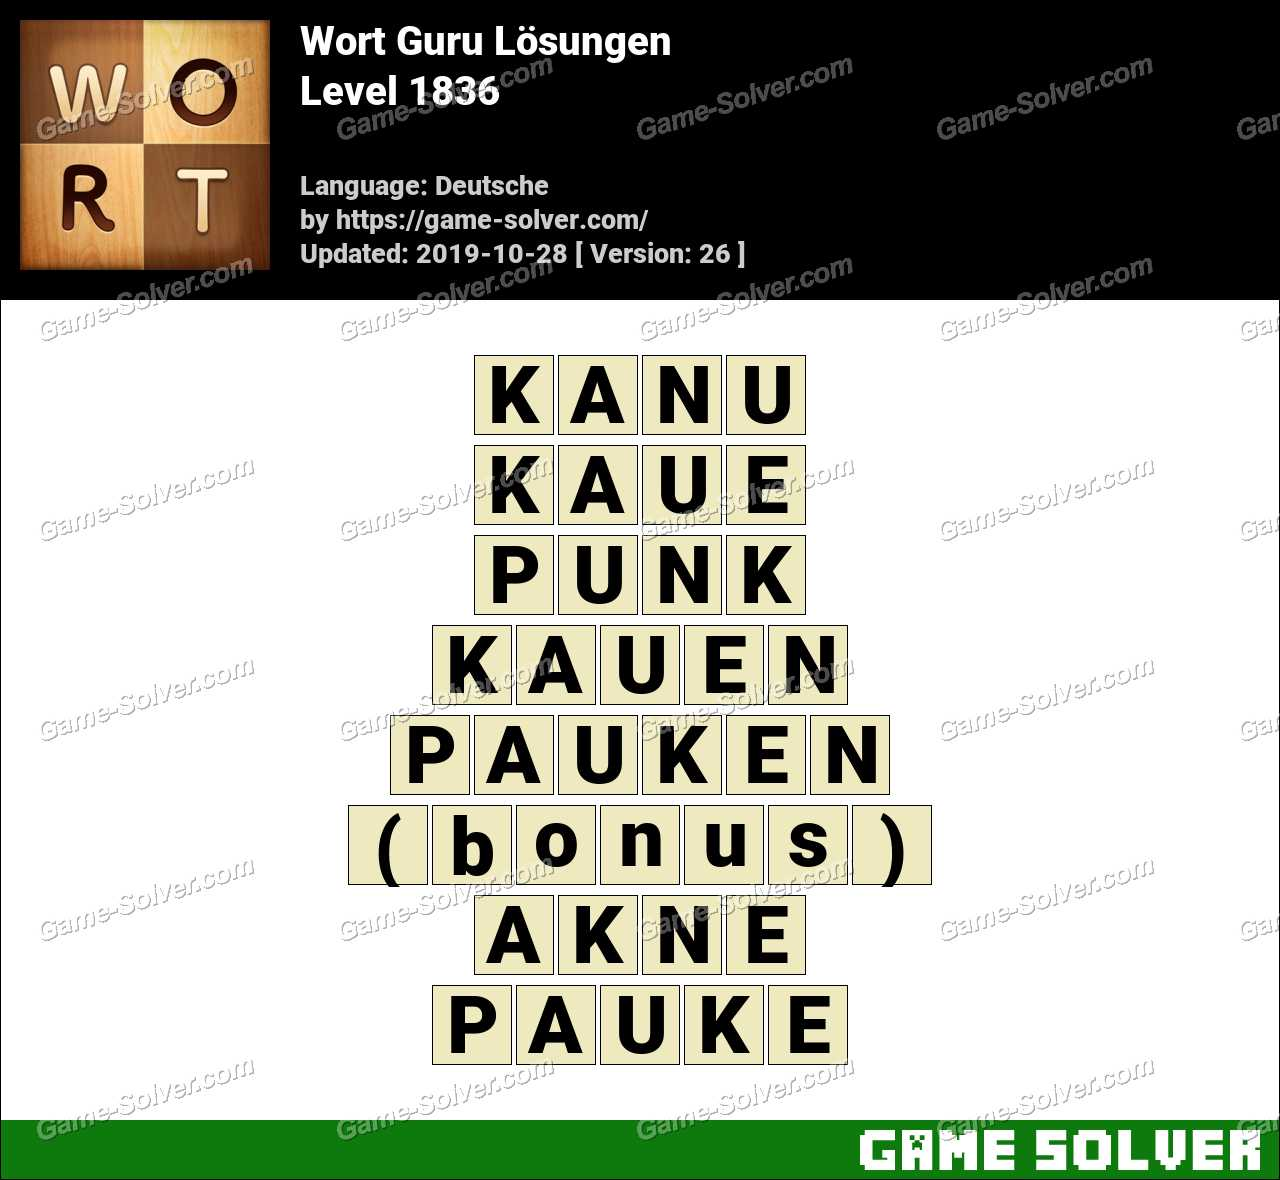 Wort Guru Level 1836 Lösungen